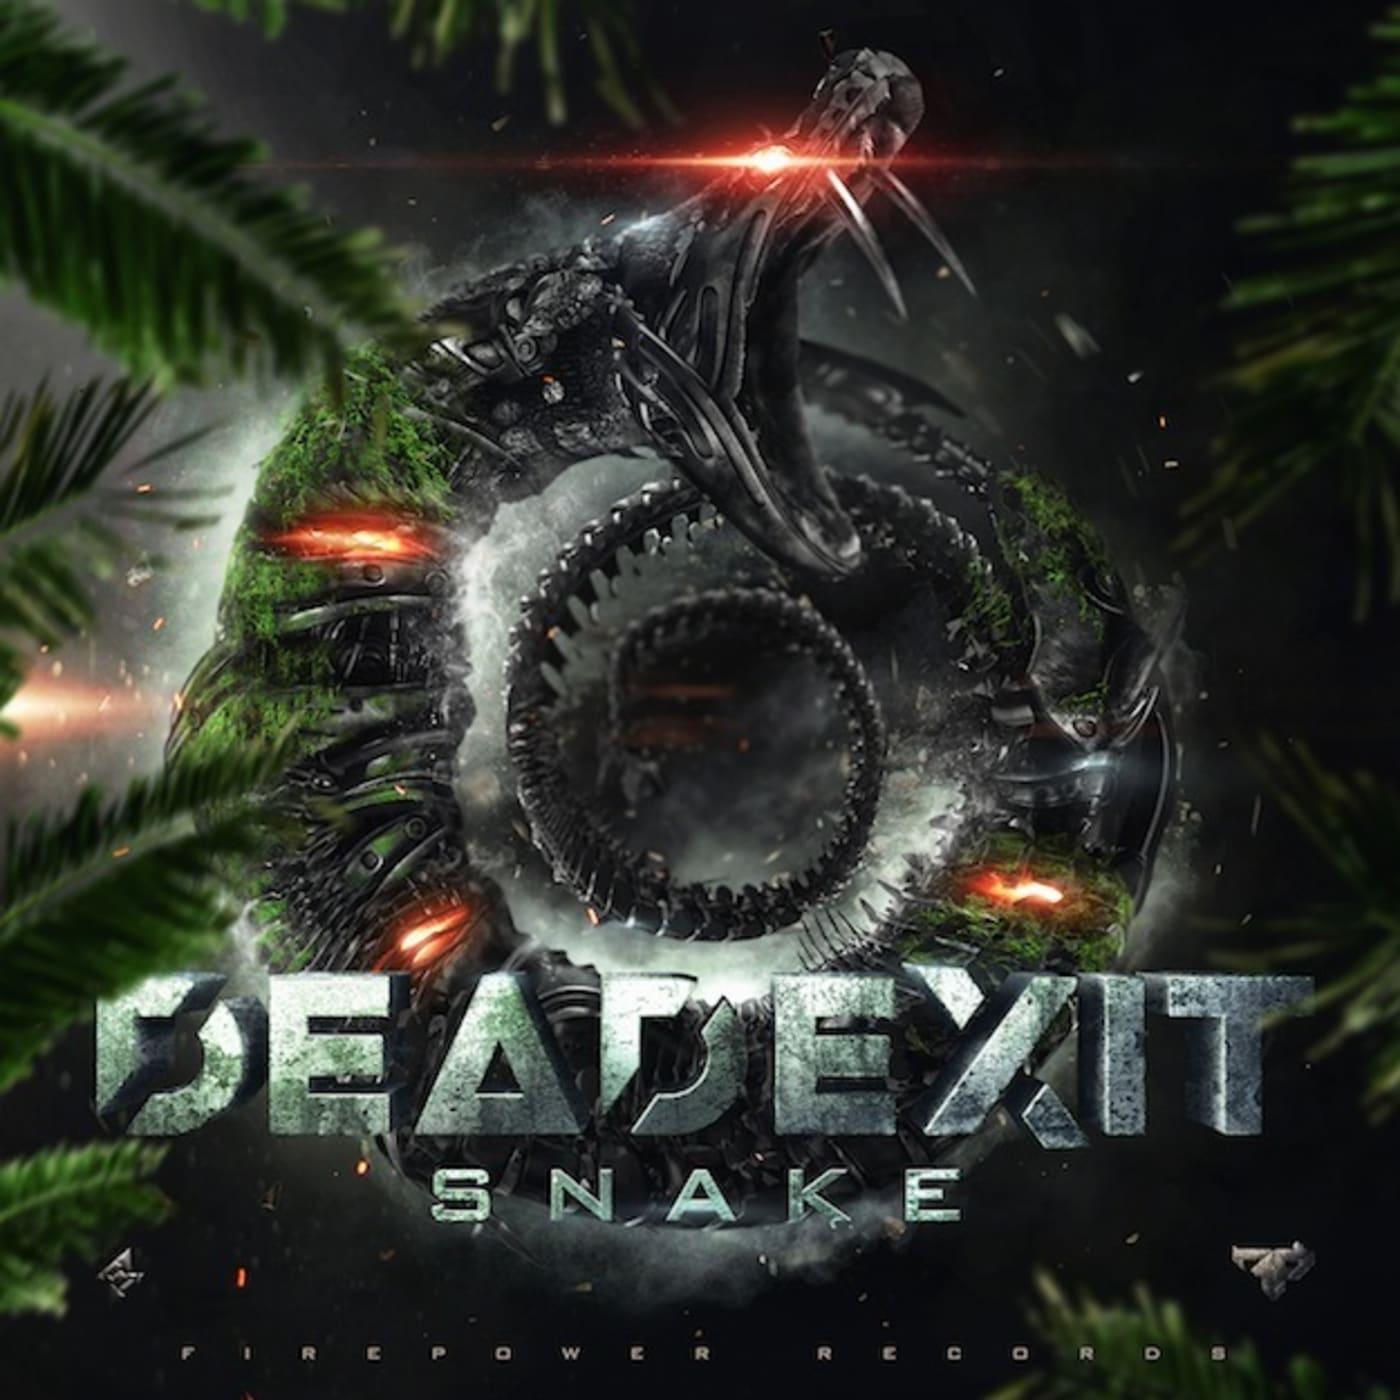 deadexit snake release art 1400px